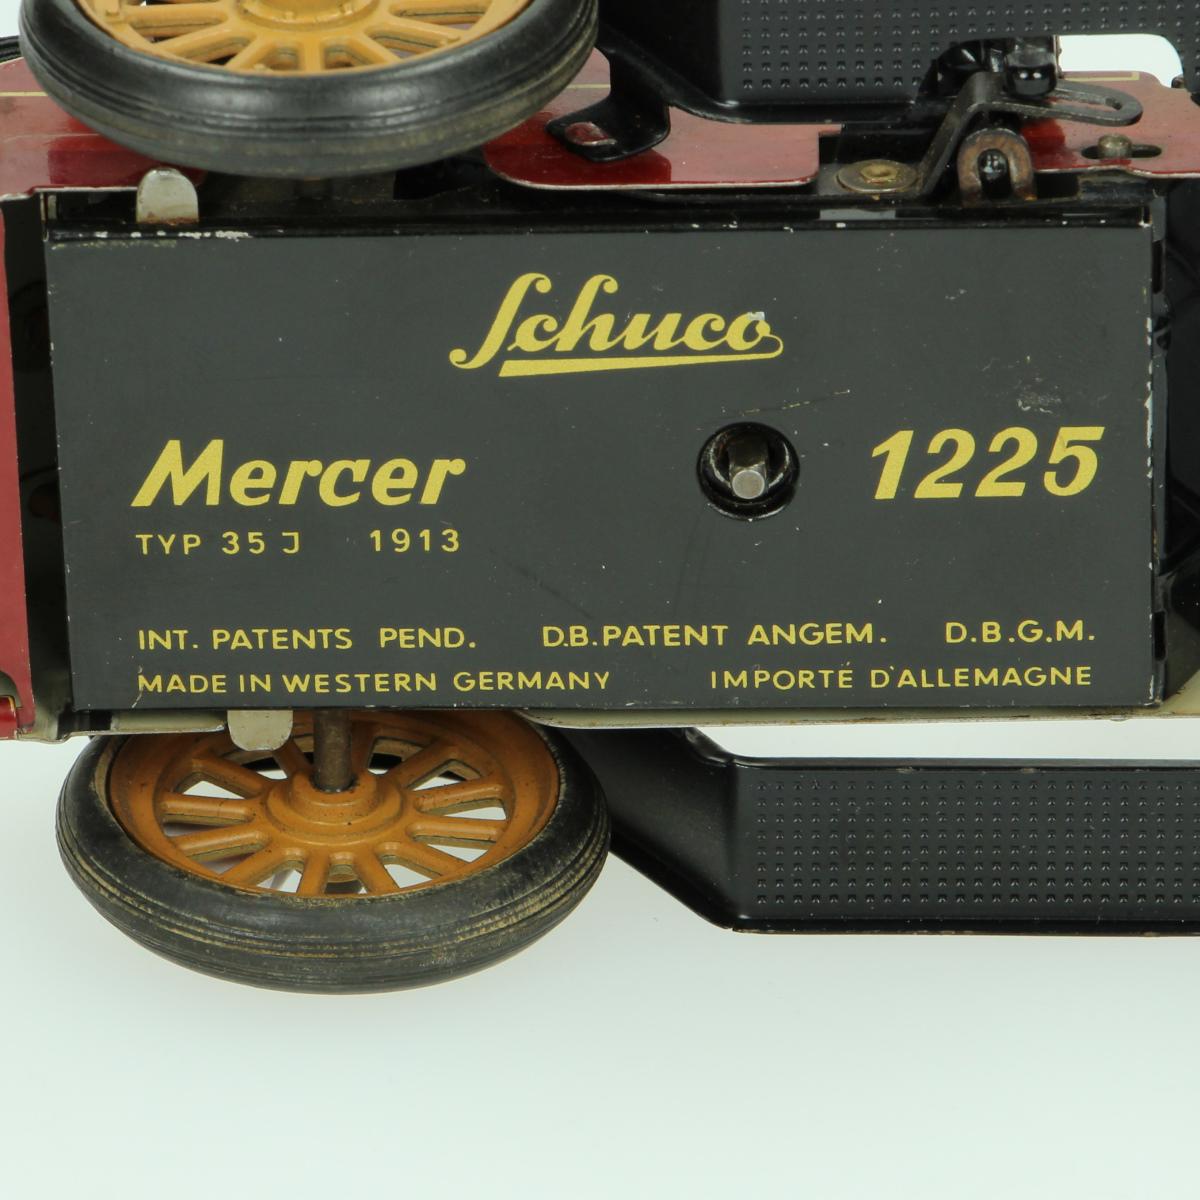 Afbeeldingen van Modelauto Schuco Mercer type 35J 1913